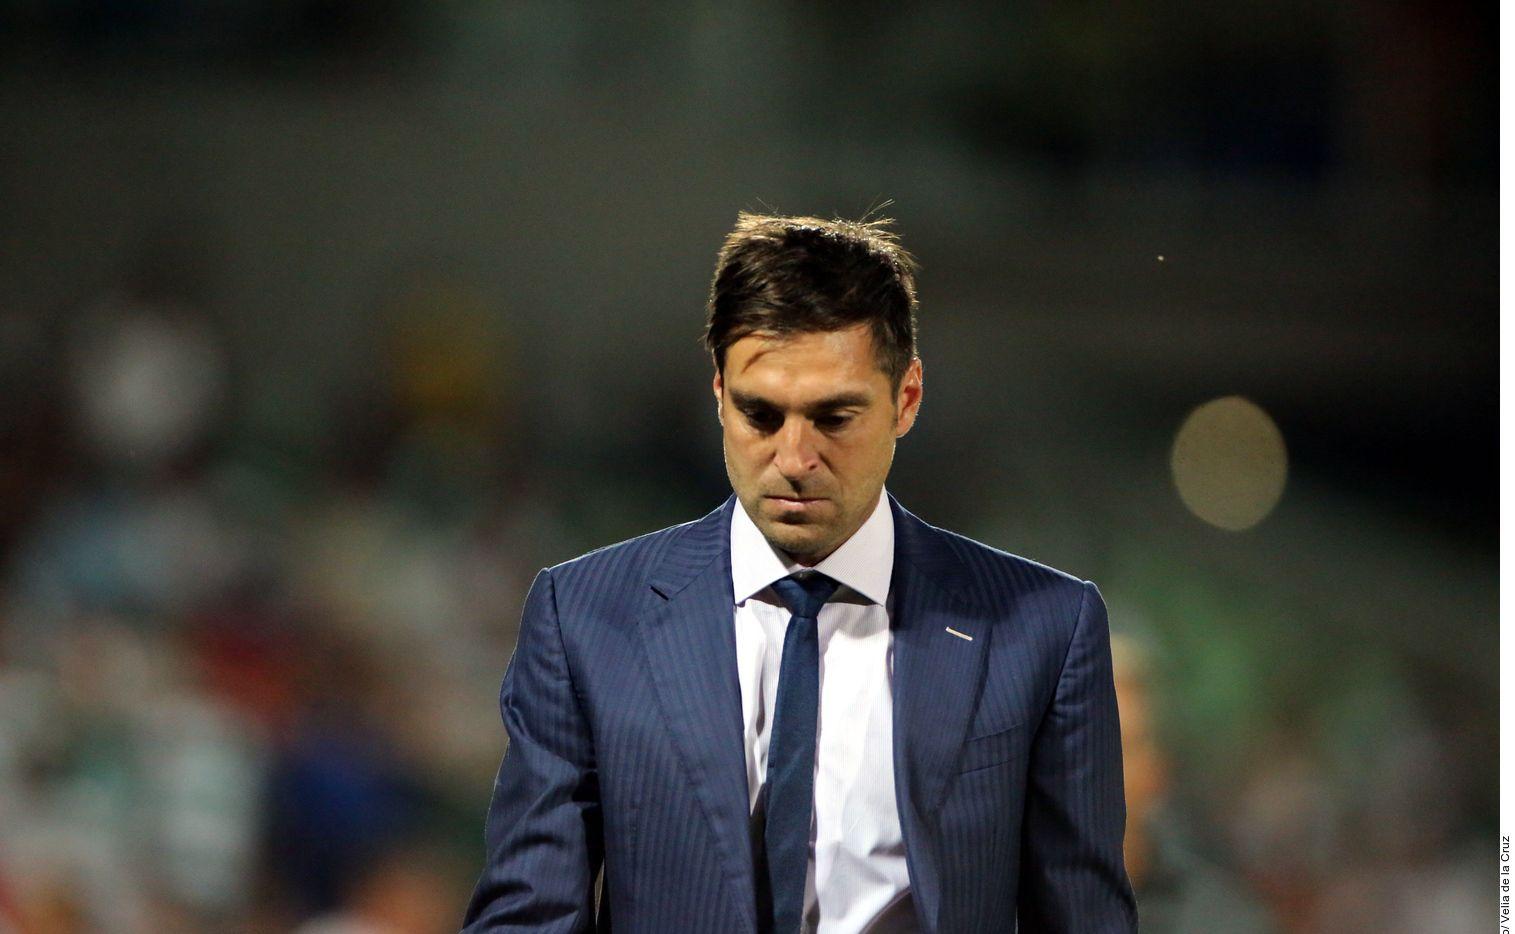 El club anunció la salida del DT de la institución regiomontana.